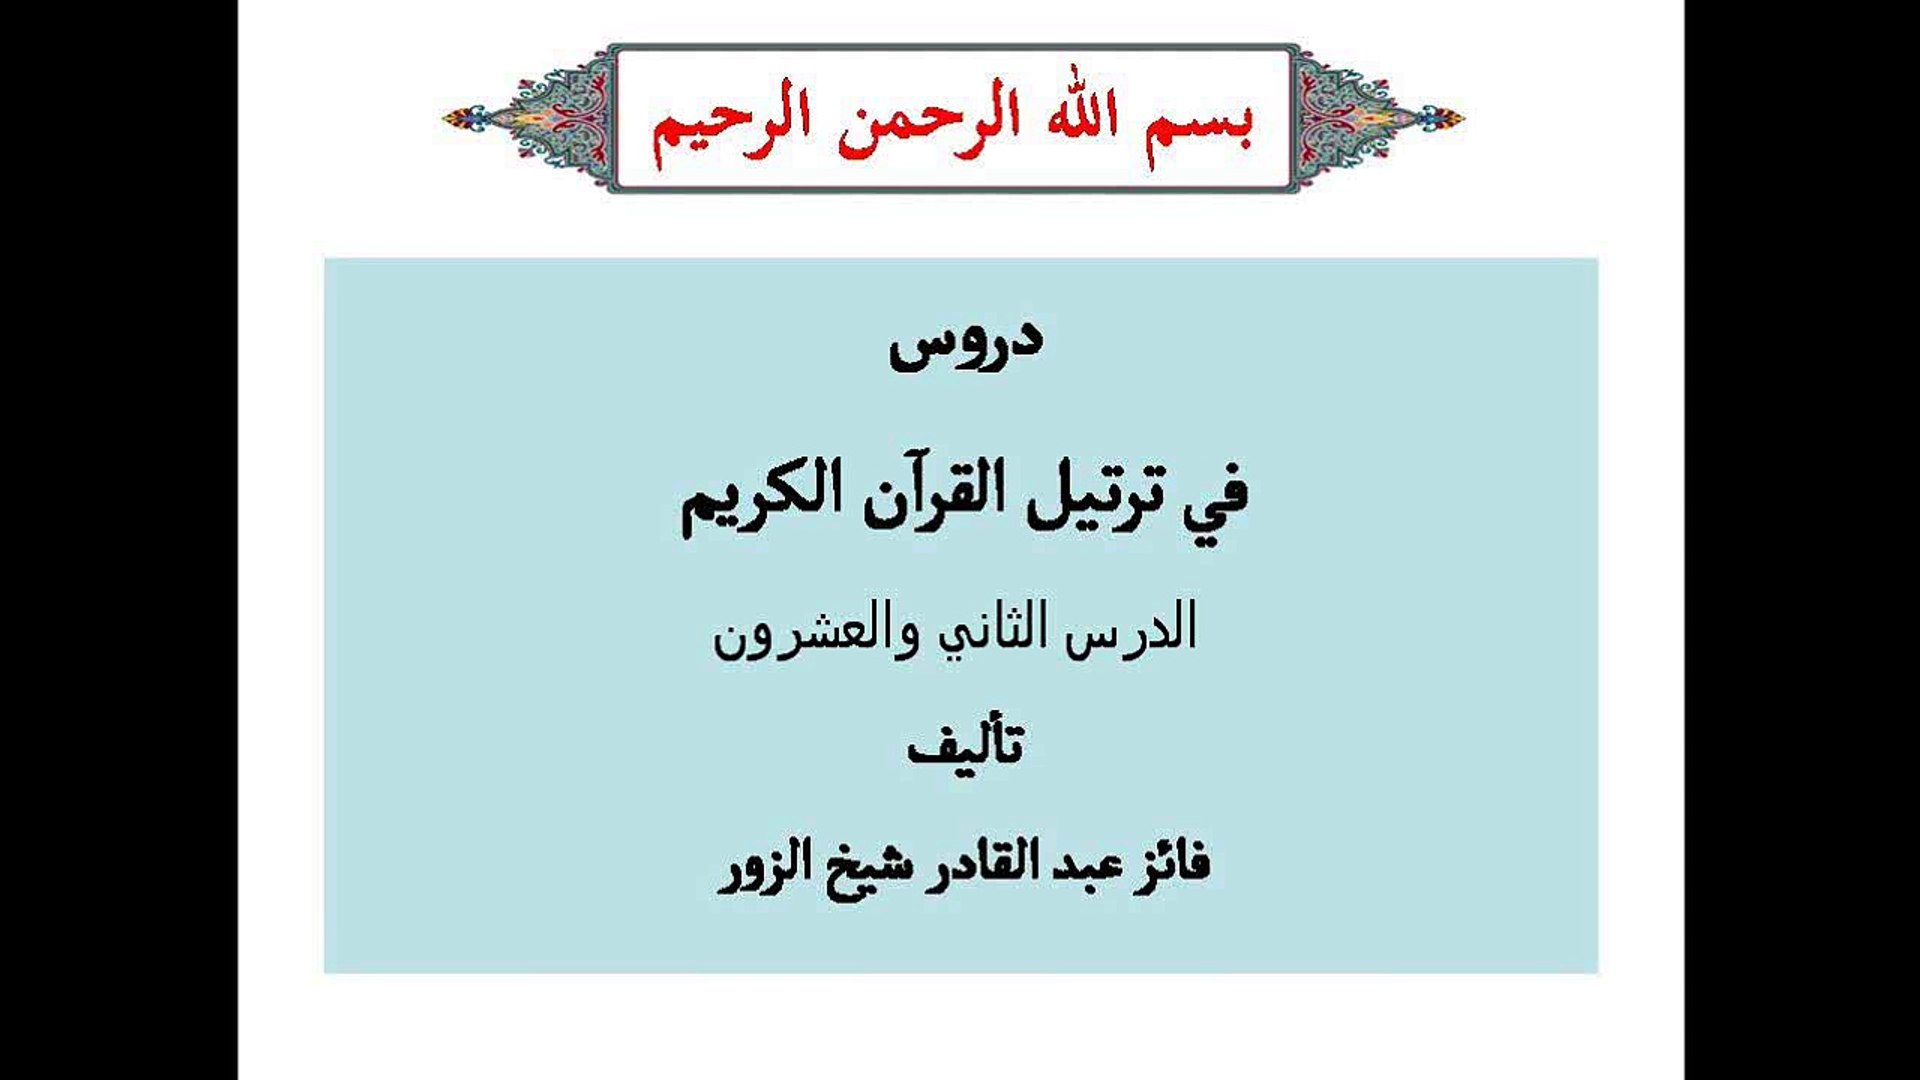 دروس في ترتيل القرآن الكريم الدرس 22 القراء العشرة